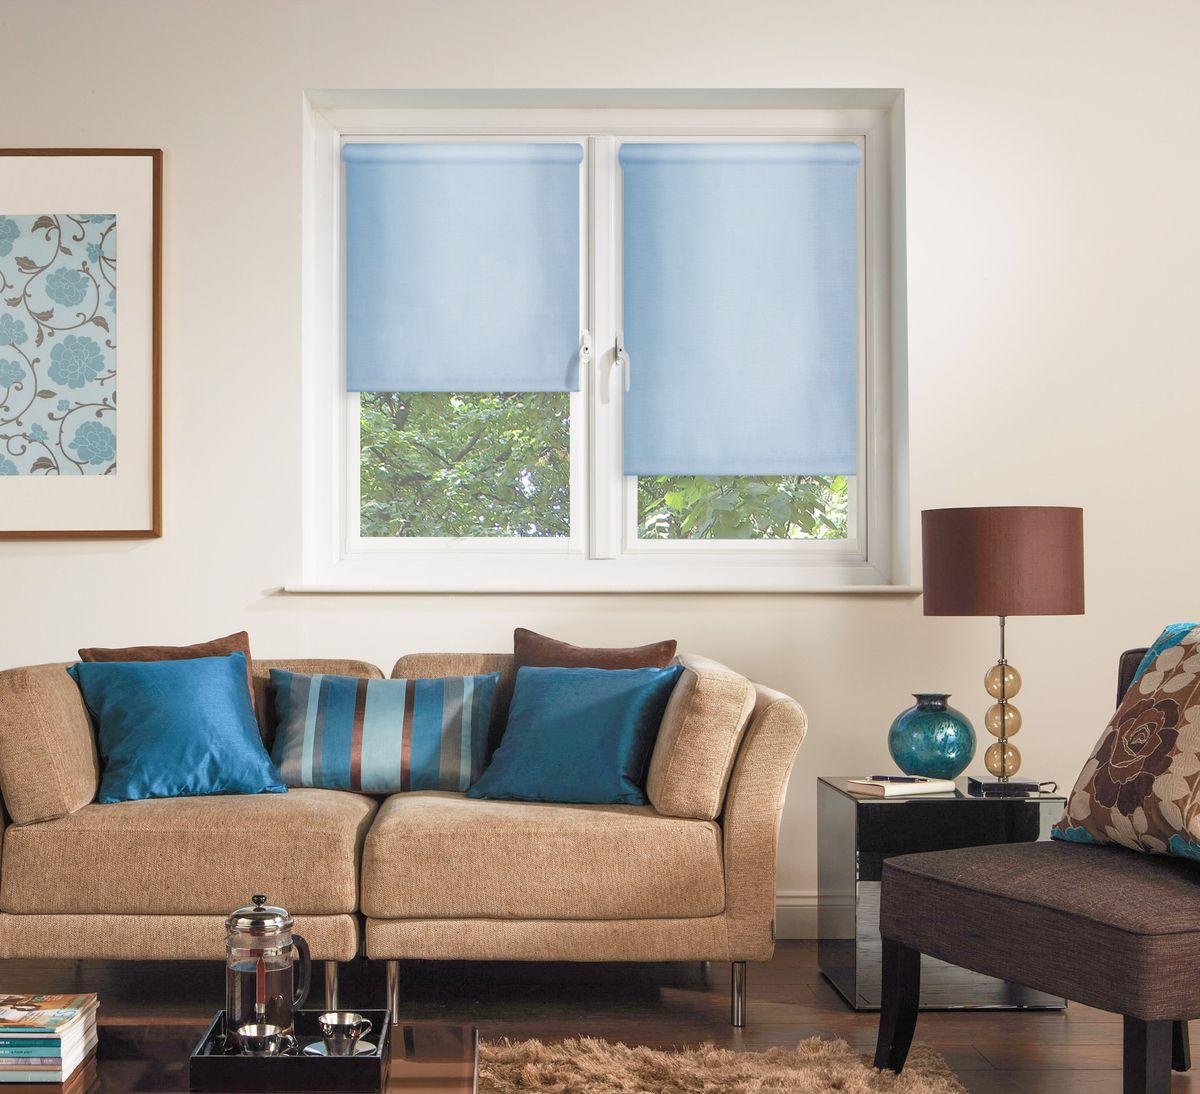 Штора рулонная Эскар Миниролло, цвет: голубой, ширина 90 см, высота 170 см39008098170Рулонная штора Эскар Миниролло выполнена из высокопрочной ткани, которая сохраняет свой размер даже при намокании. Ткань не выцветает и обладает отличной цветоустойчивостью.Миниролло - это подвид рулонных штор, который закрывает не весь оконный проем, а непосредственно само стекло. Такие шторы крепятся на раму без сверления при помощи зажимов или клейкой двухсторонней ленты (в комплекте). Окно остается на гарантии, благодаря монтажу без сверления. Такая штора станет прекрасным элементом декора окна и гармонично впишется в интерьер любого помещения.